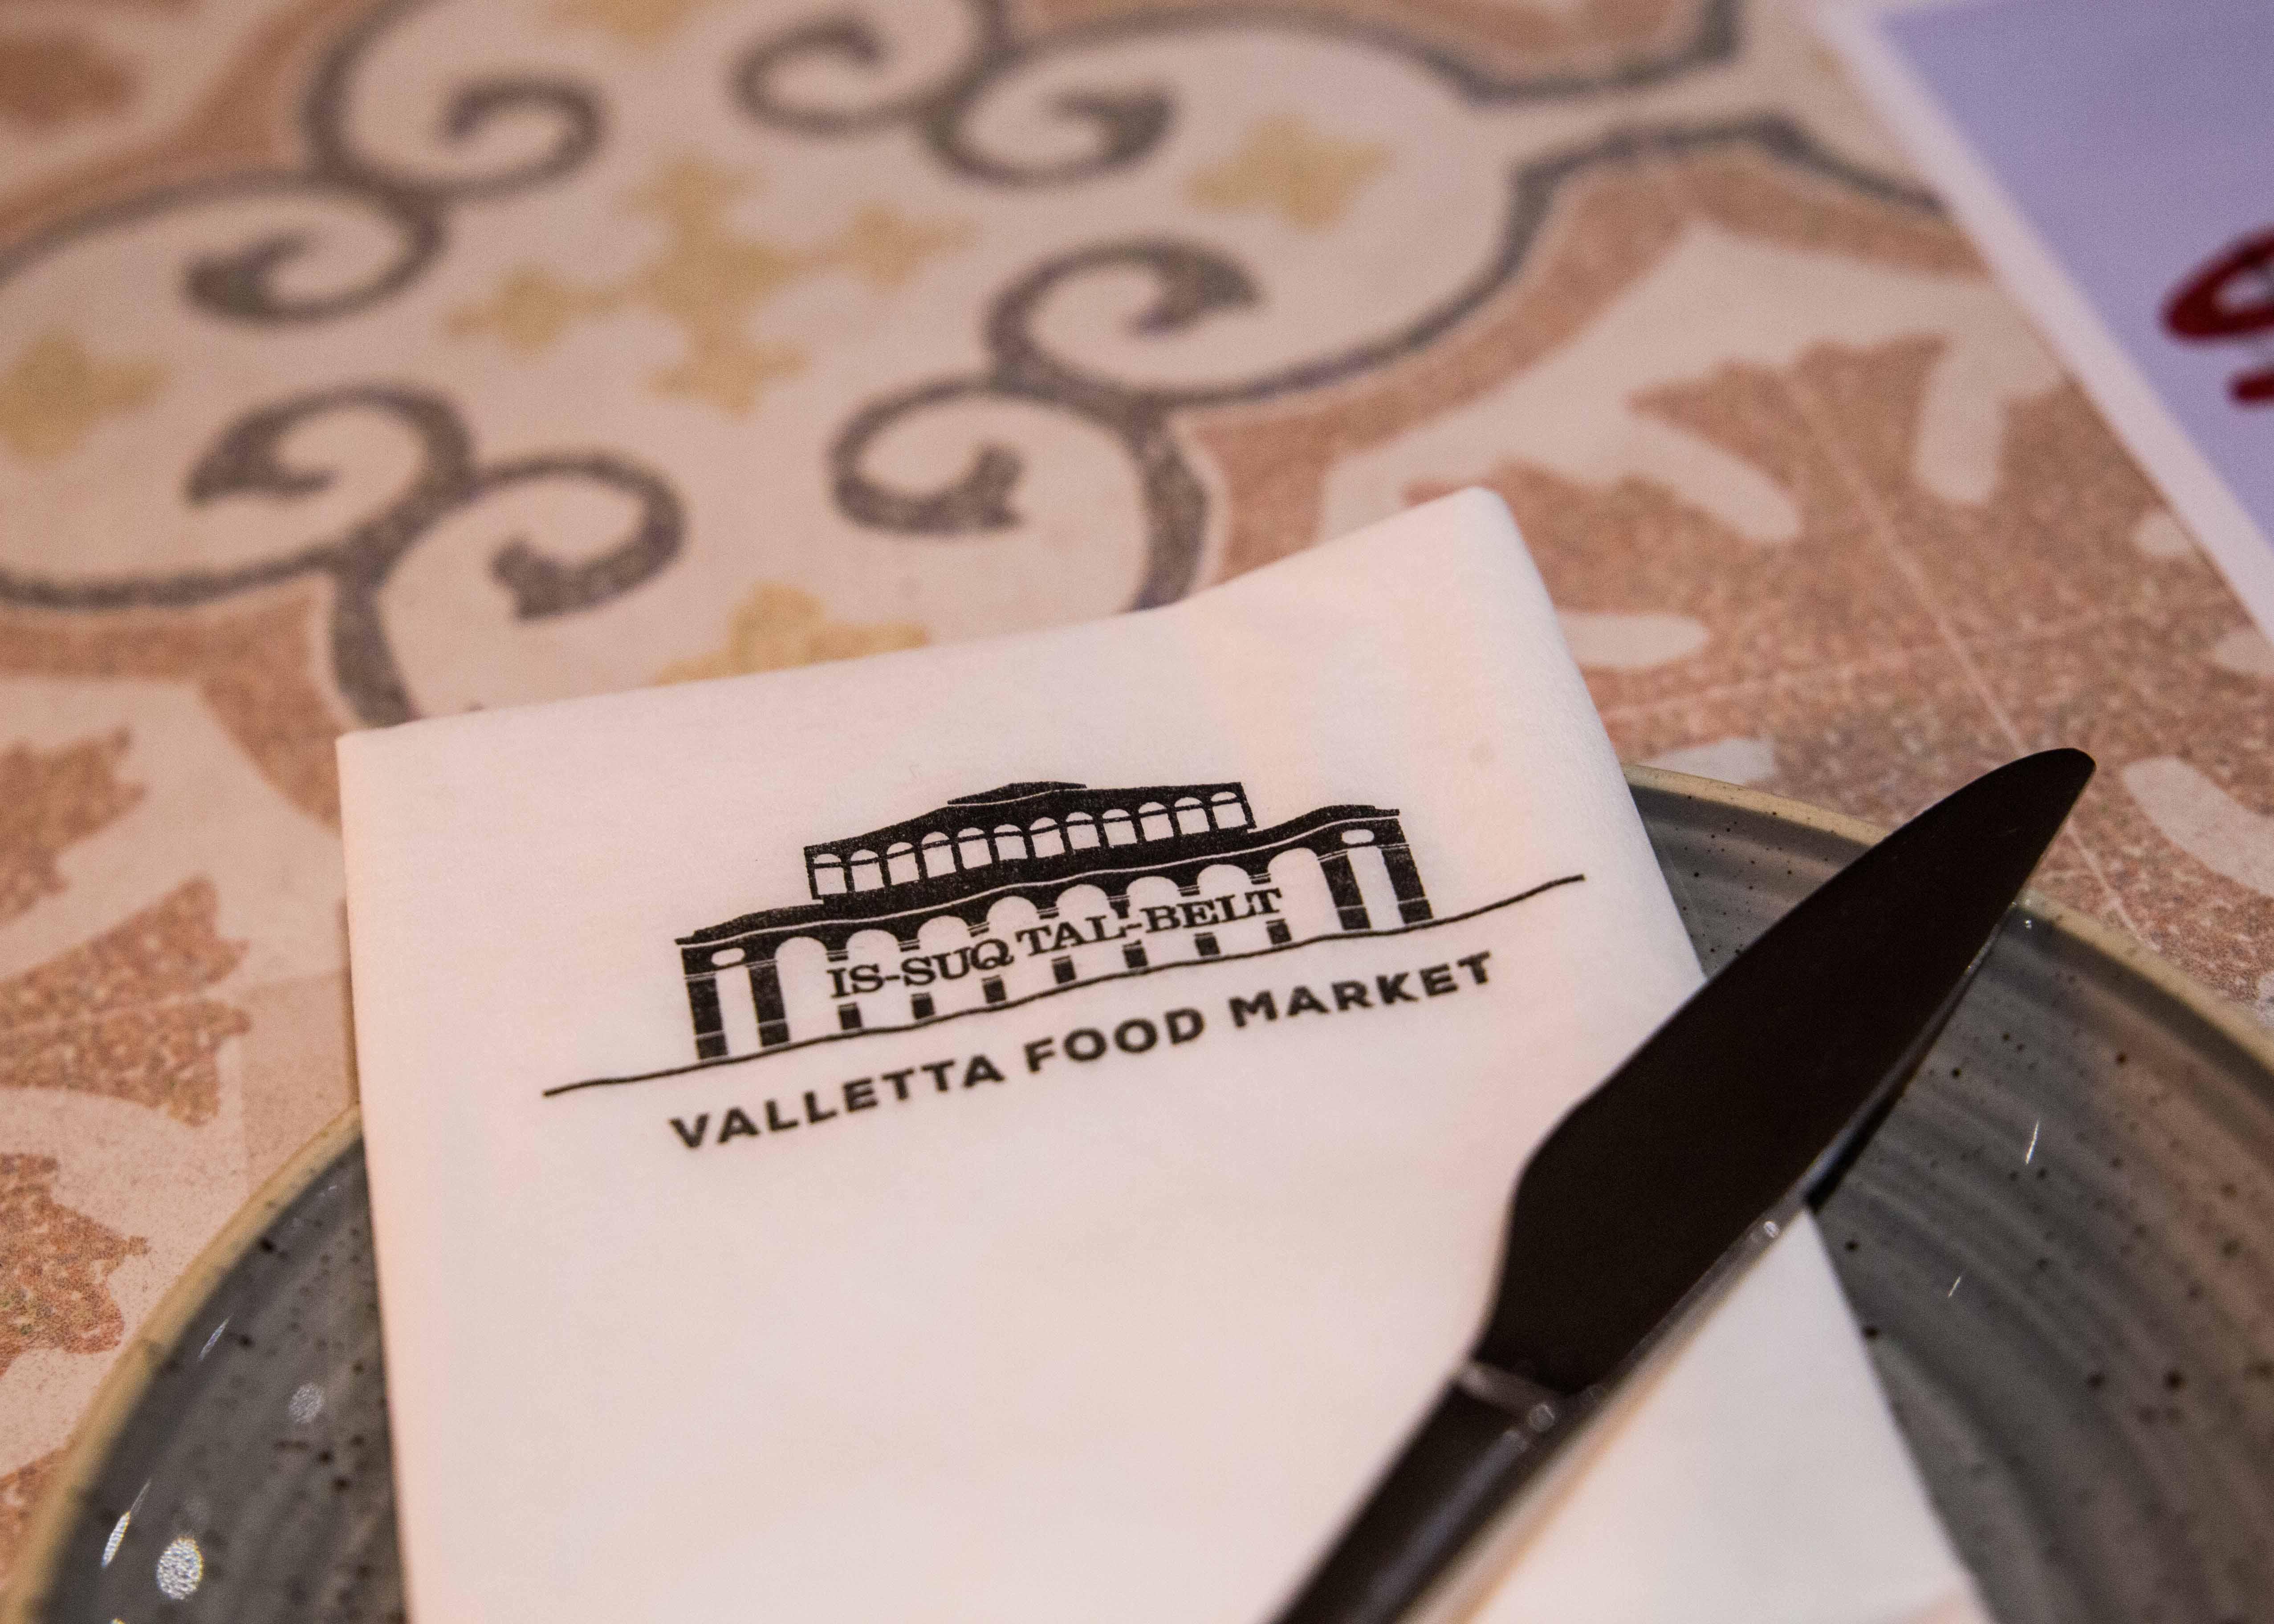 Valletta food market, Is-Suq Tal-Belt, Star Cafe